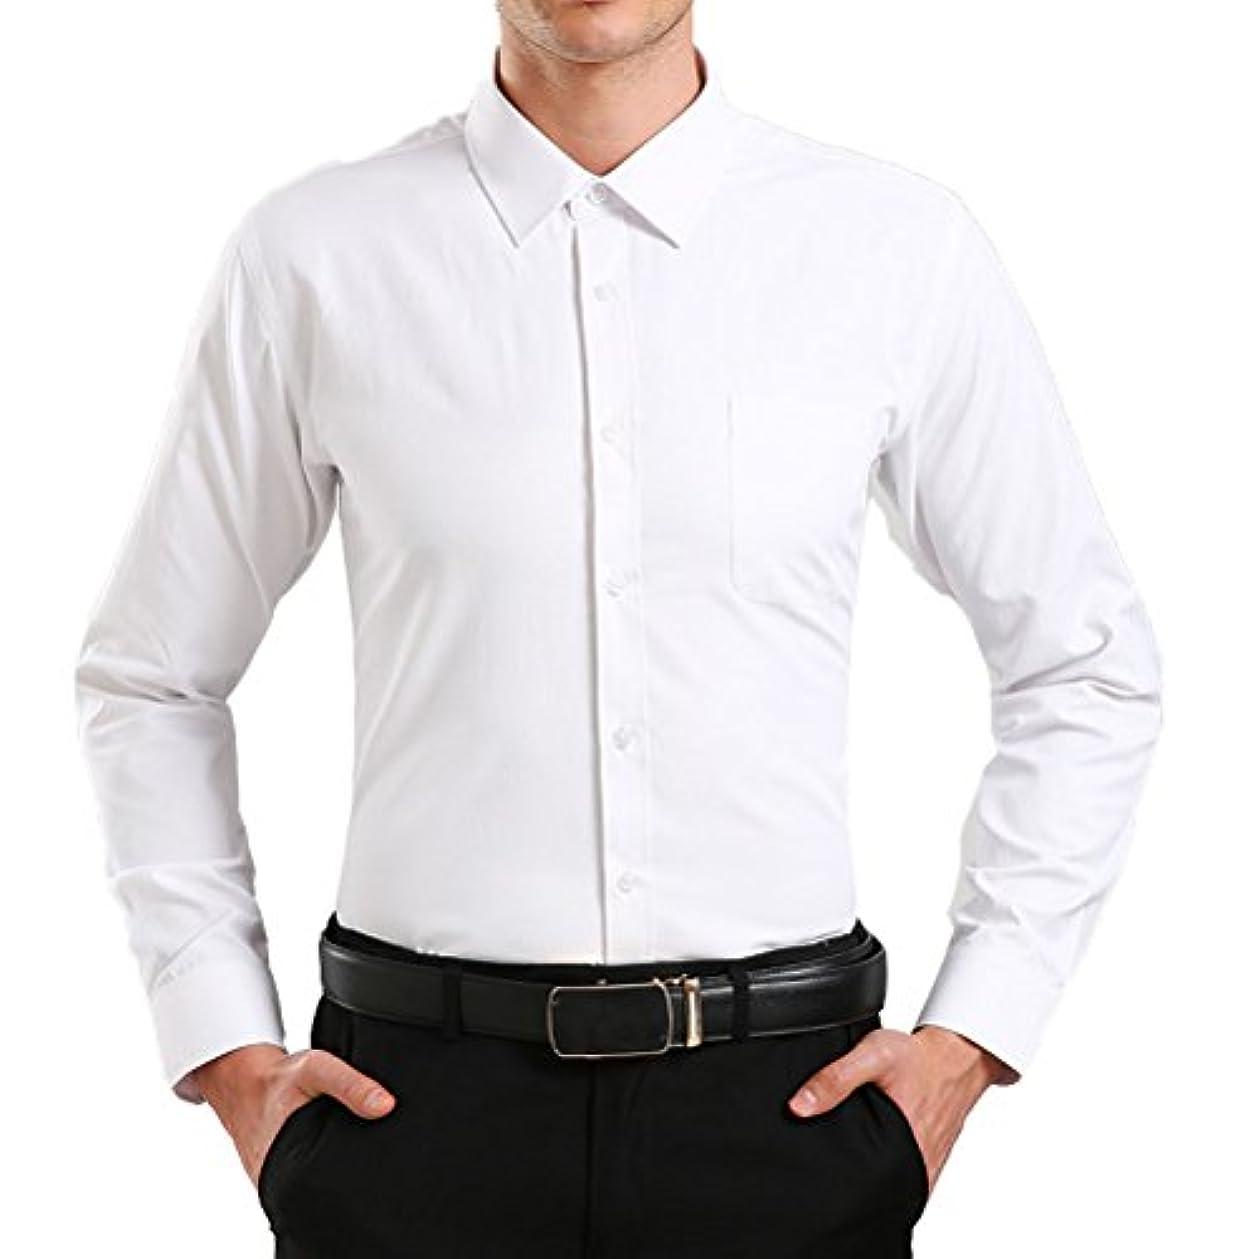 慈悲深いヤギモディッシュLinyuan ファッション Men's Long Sleeve シャツ Shirts Button Down Slim Fit Casual Formal Solid Colors A026